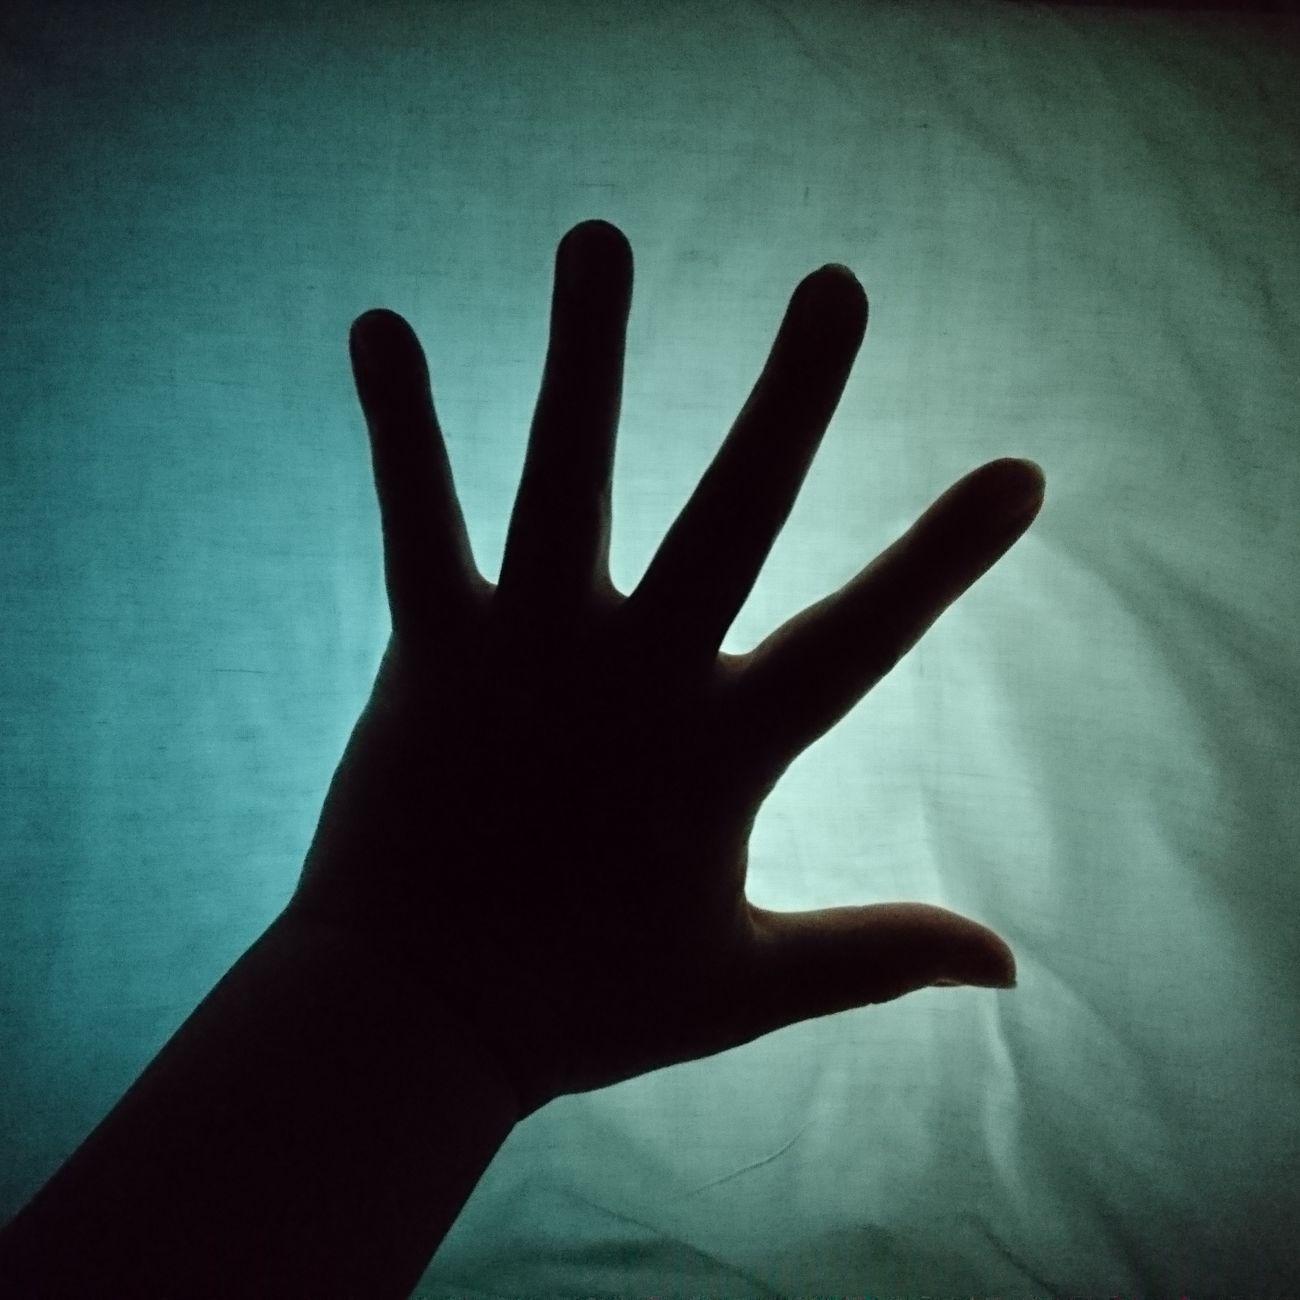 私の手 手 Hand My Hand  影 Shadow Shadows & Lights